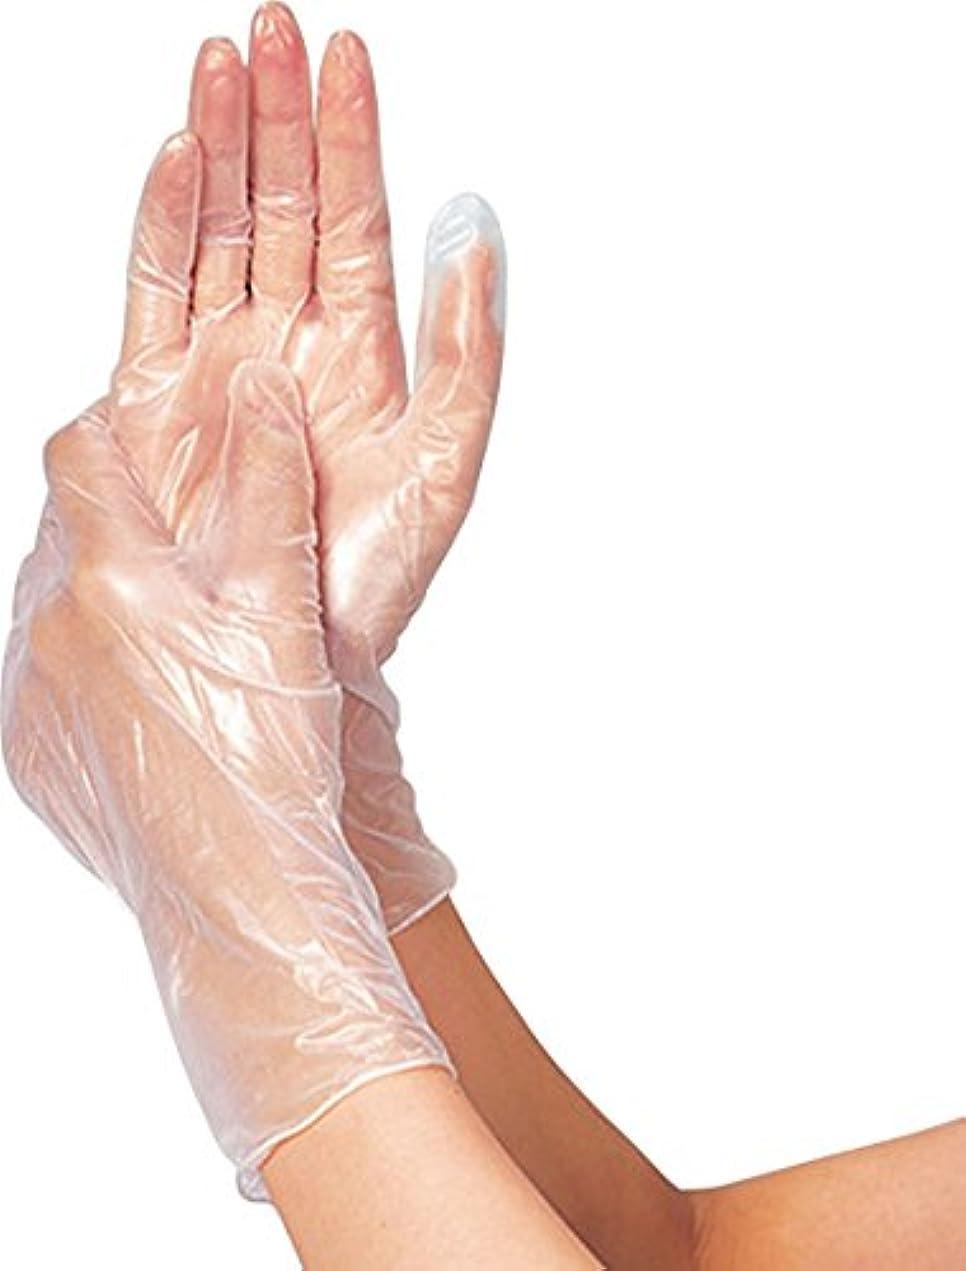 食用研磨哺乳類タケトラプラスチック手袋200パウダーフリーM200枚 075883 竹虎メディカル